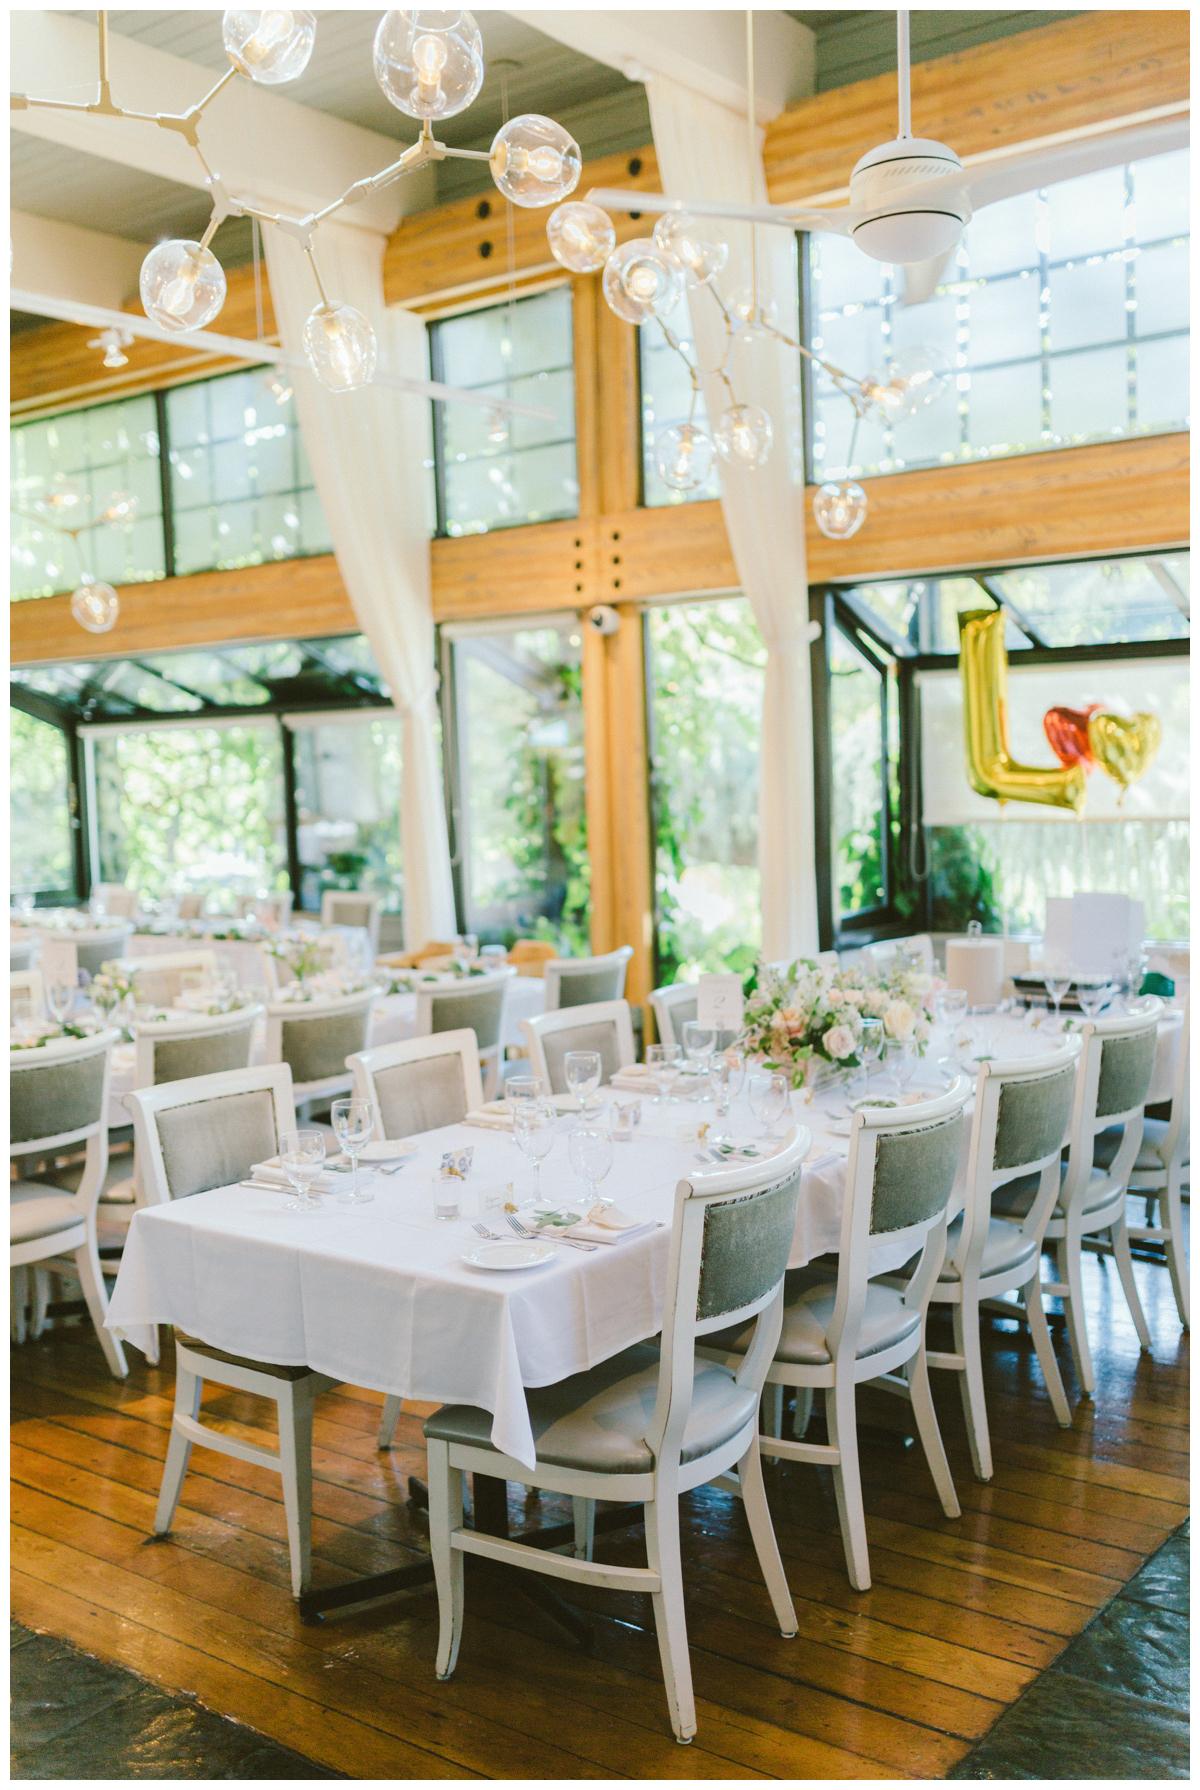 Mattie C. Hong Kong Vancouver Fine Art Wedding Prewedding Photographer 52.jpg